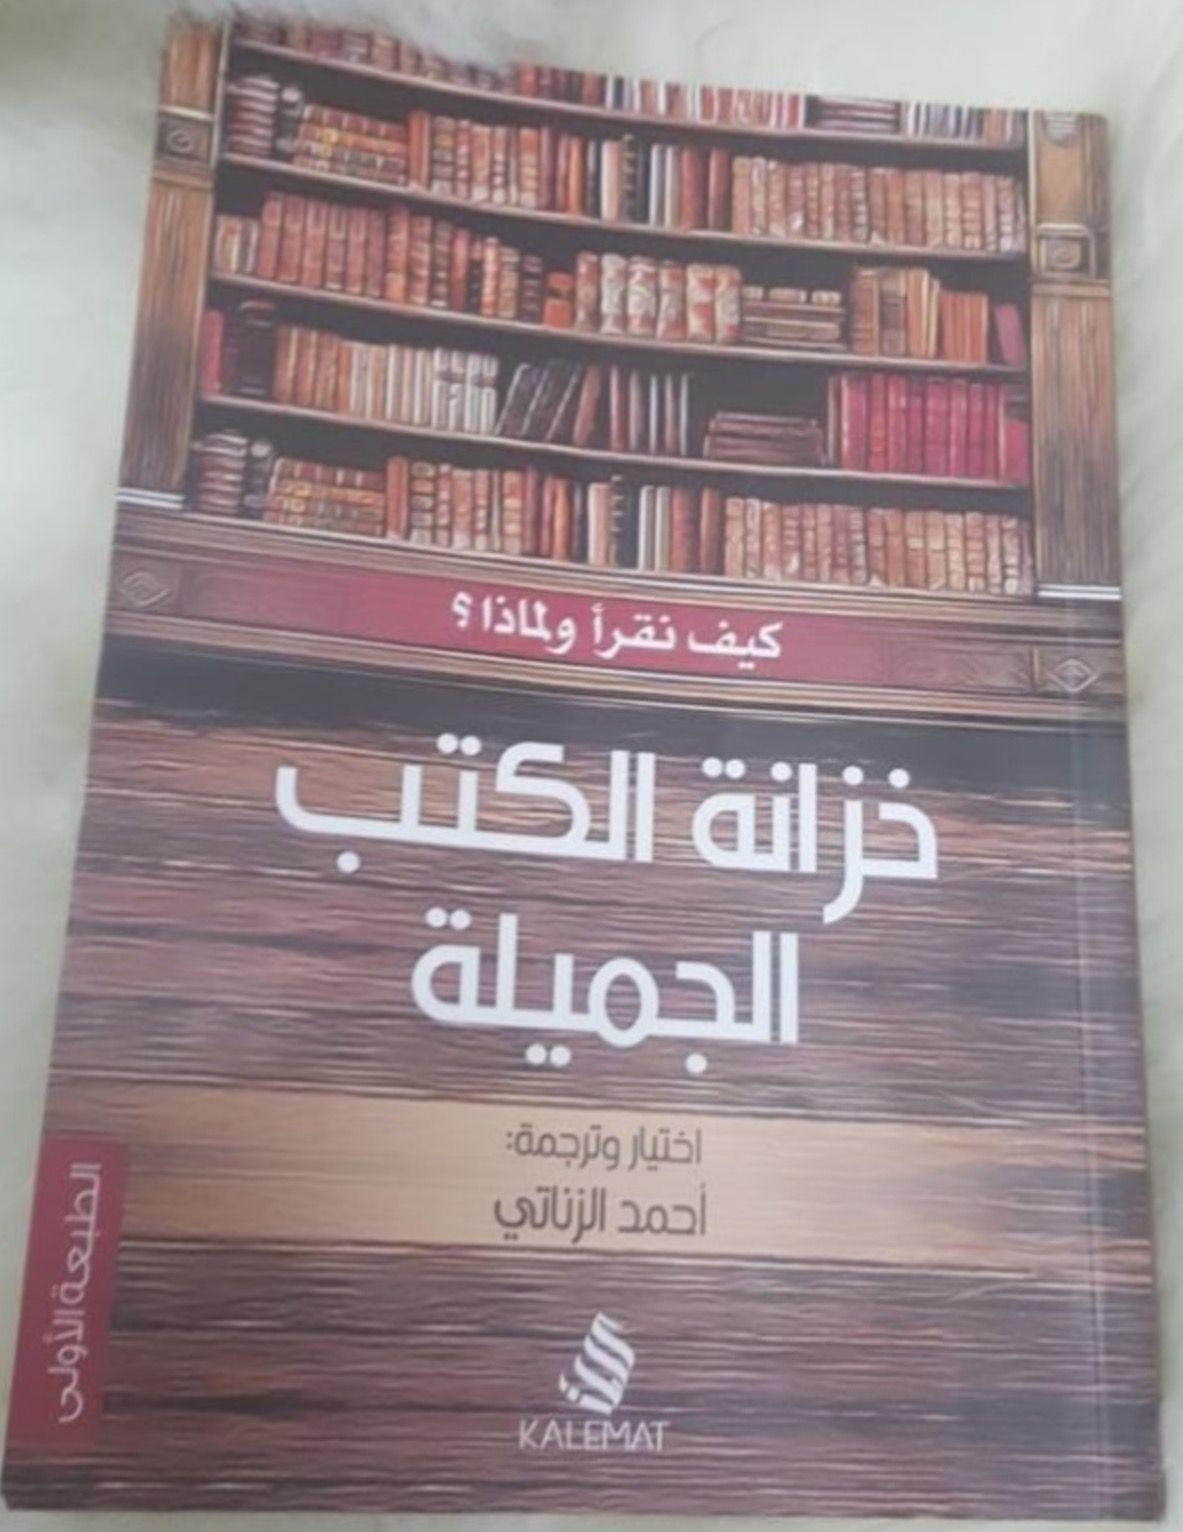 خزانة الكتب الجميلة أحمد الزناتي Book Lovers Books I Love Books